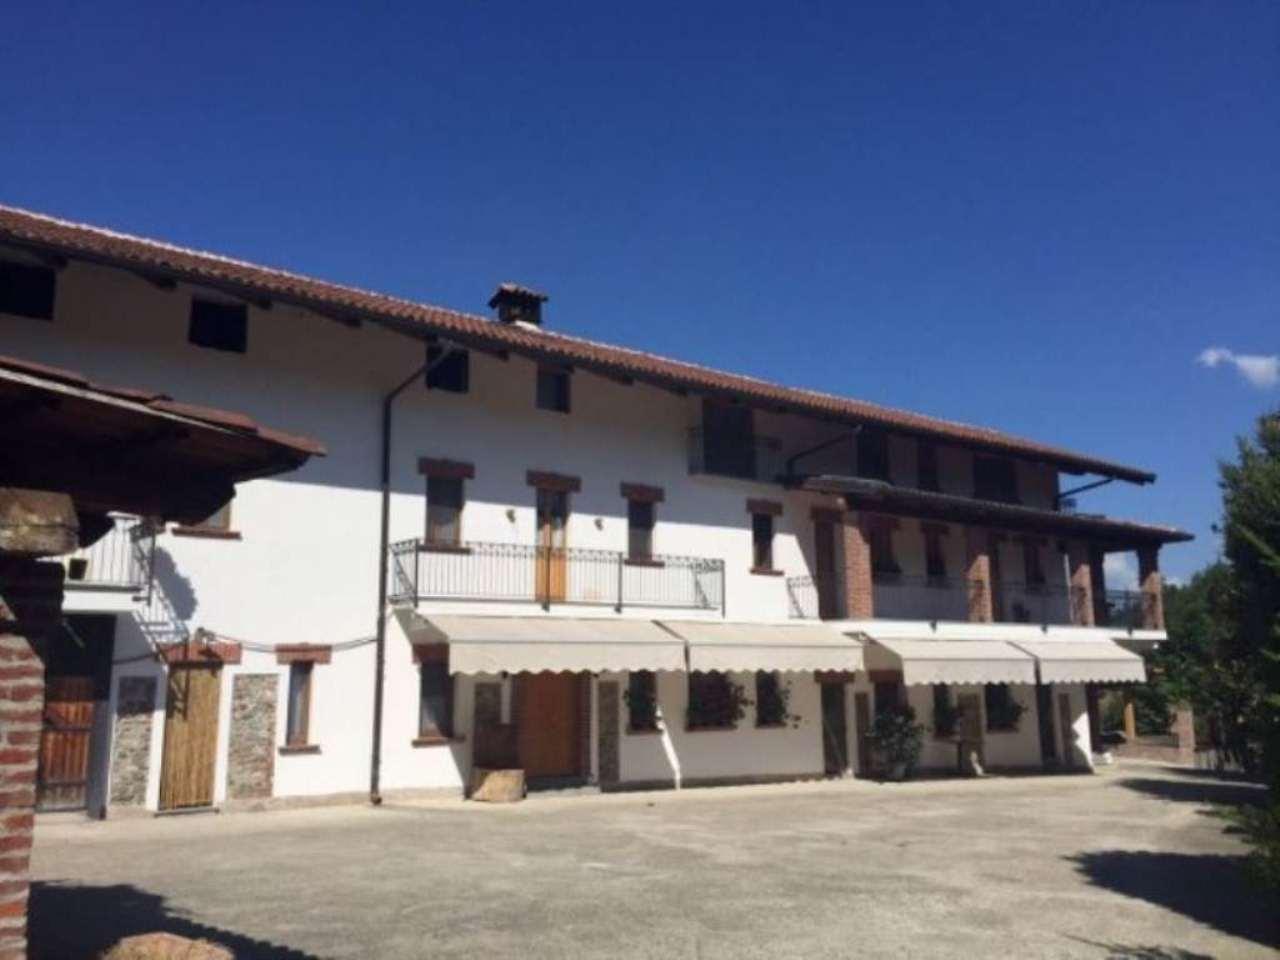 Rustico / Casale in vendita a Baldissero Torinese, 6 locali, prezzo € 700.000 | Cambio Casa.it